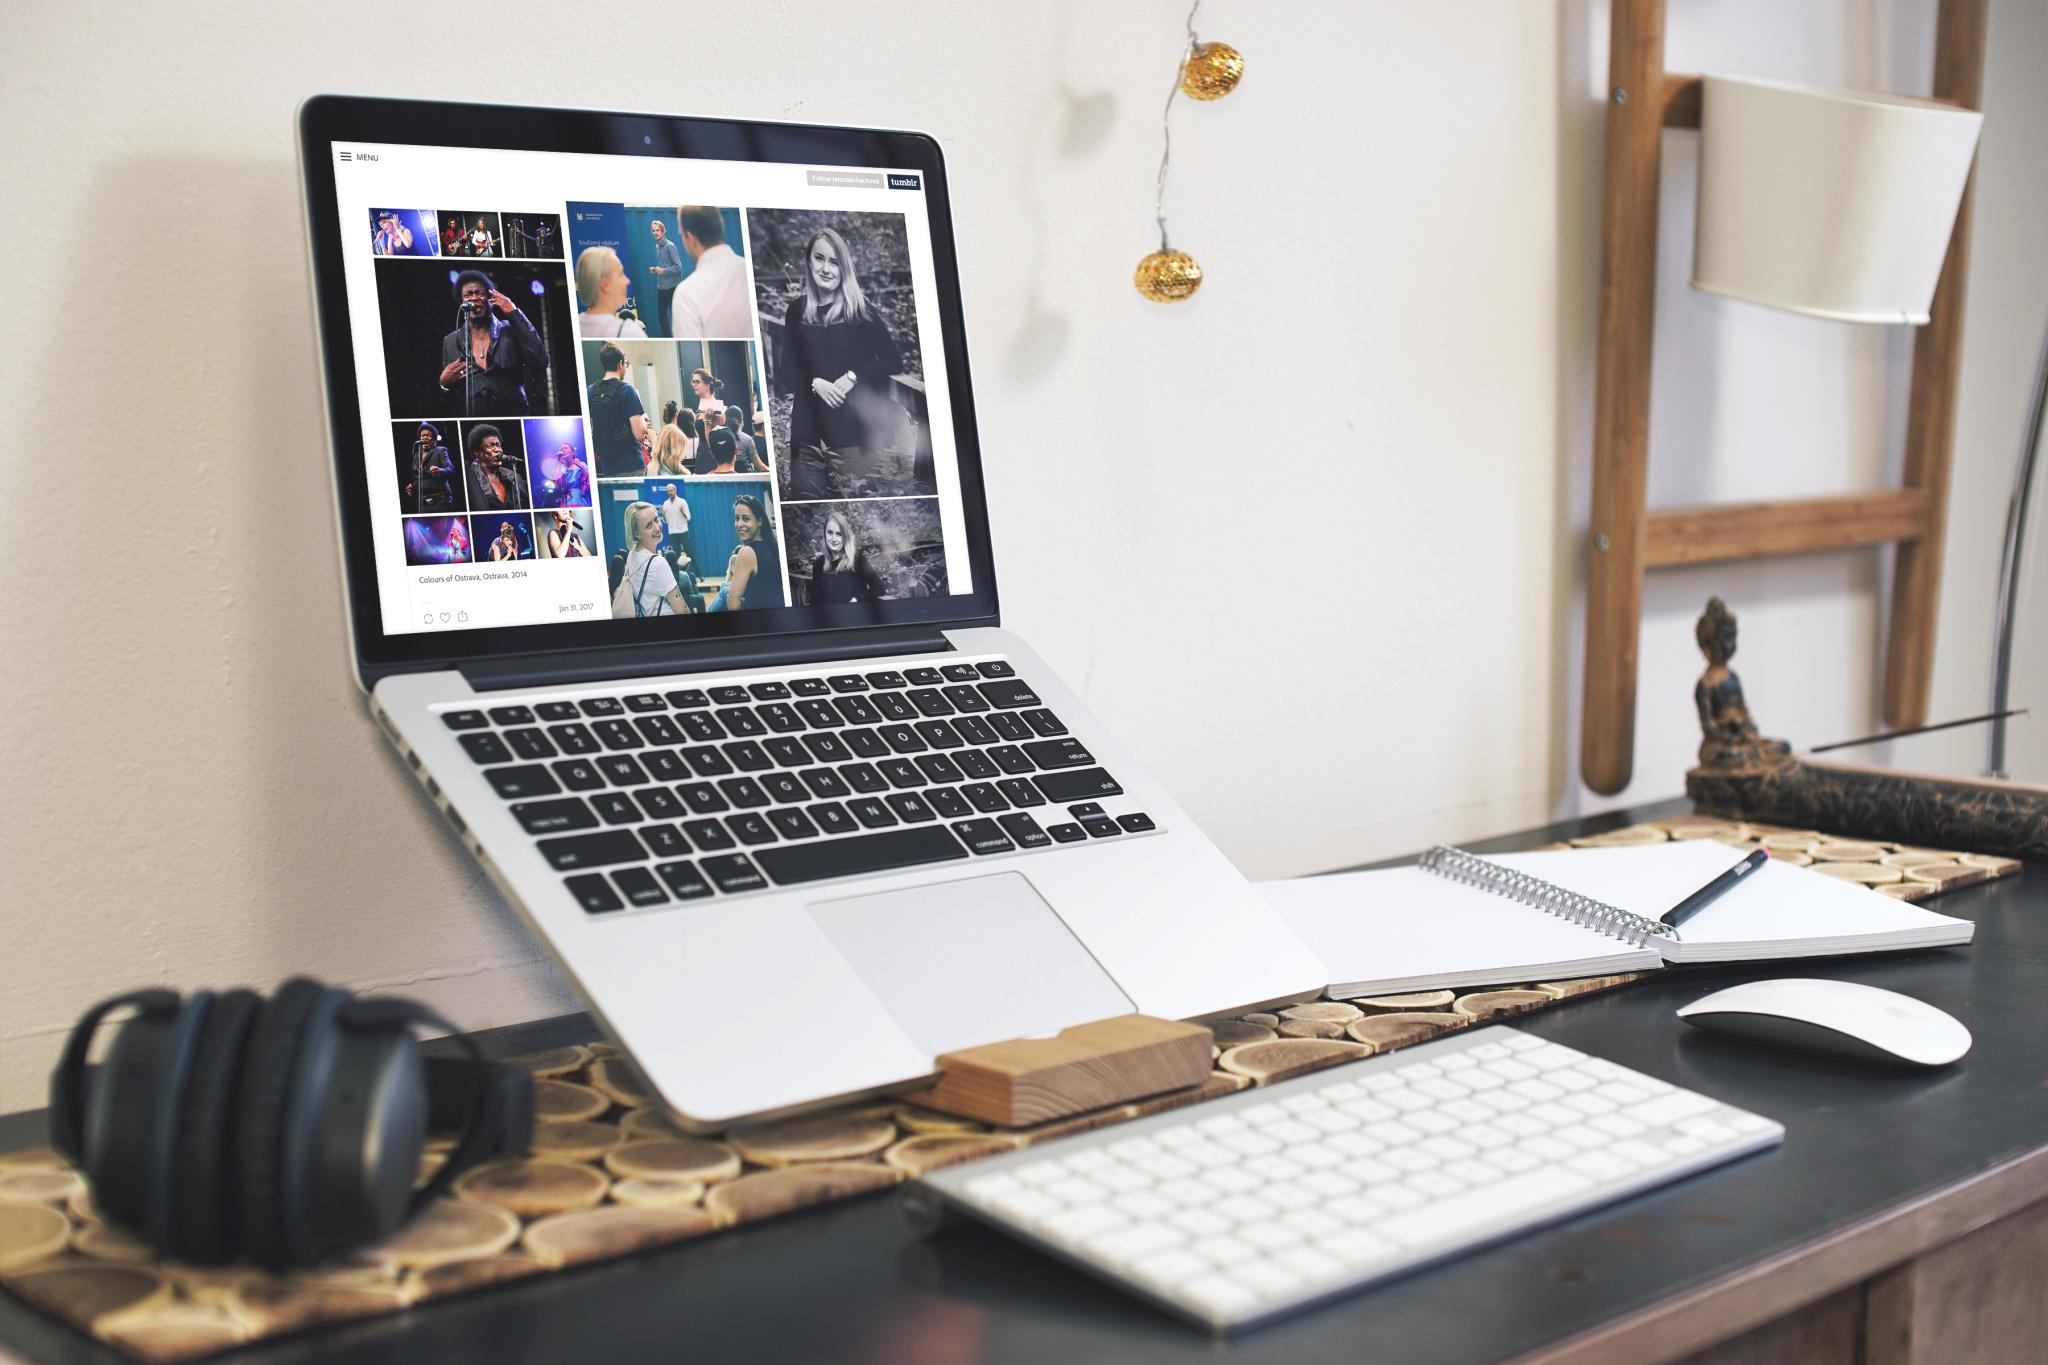 Vermarktung eines Fotografen, Teil 1 - tumblr